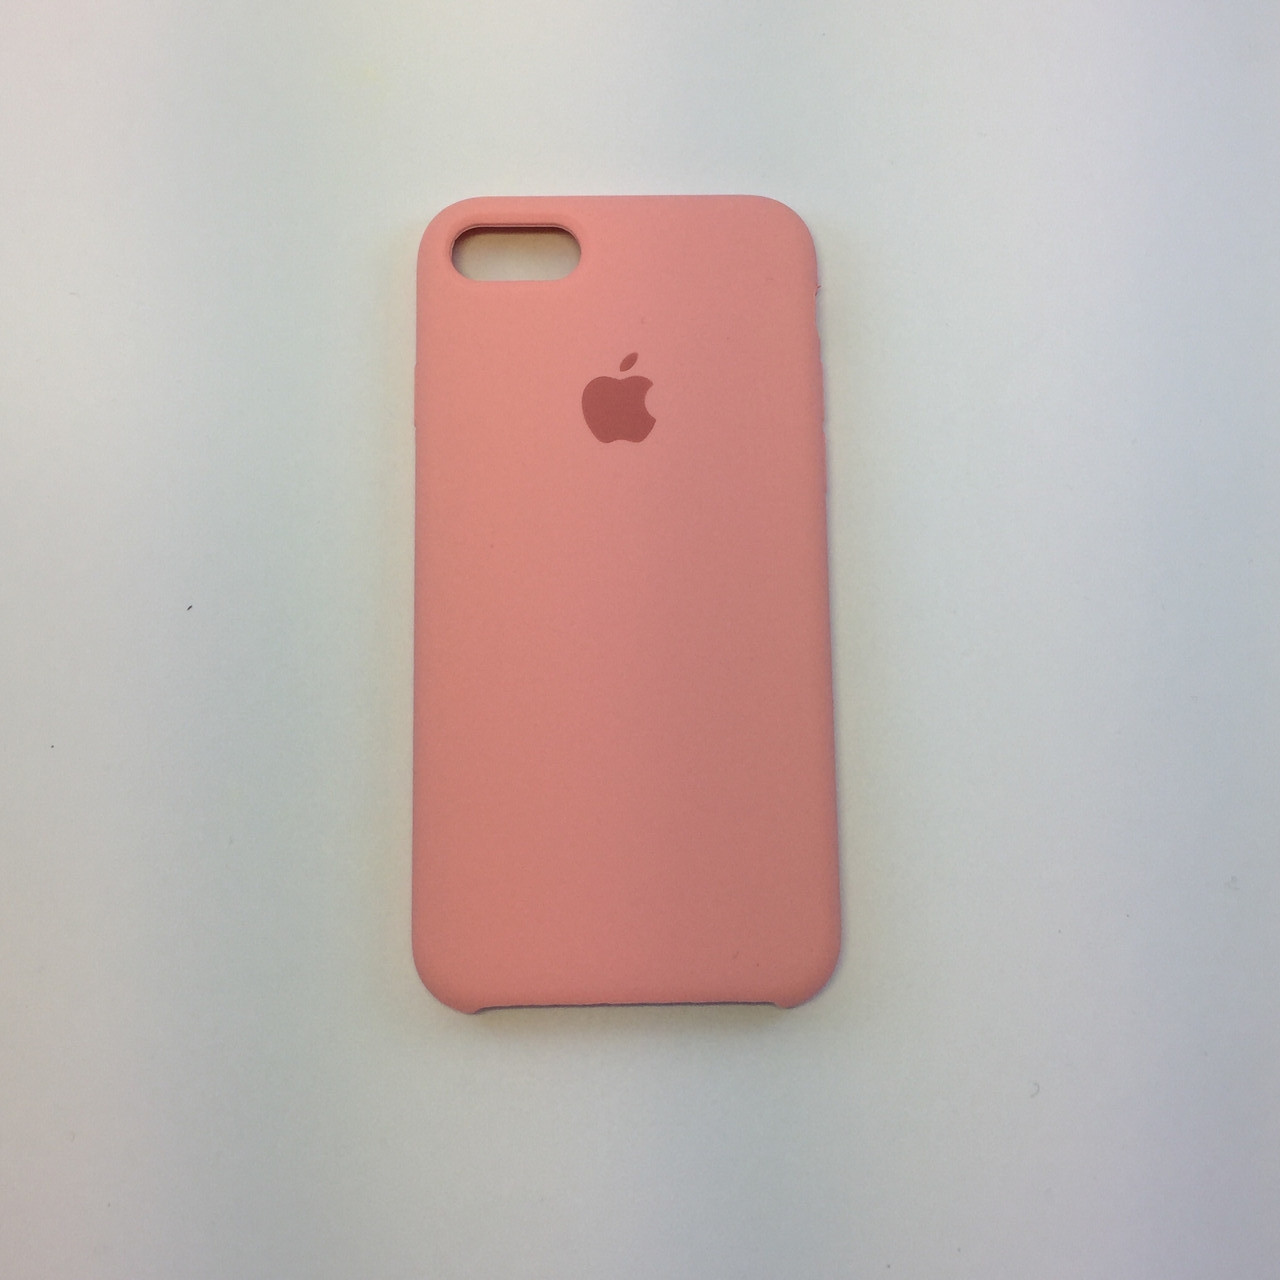 """Чехол - Silicon Case для iPhone """"Нежно-розовый - №12"""" - copy orig."""